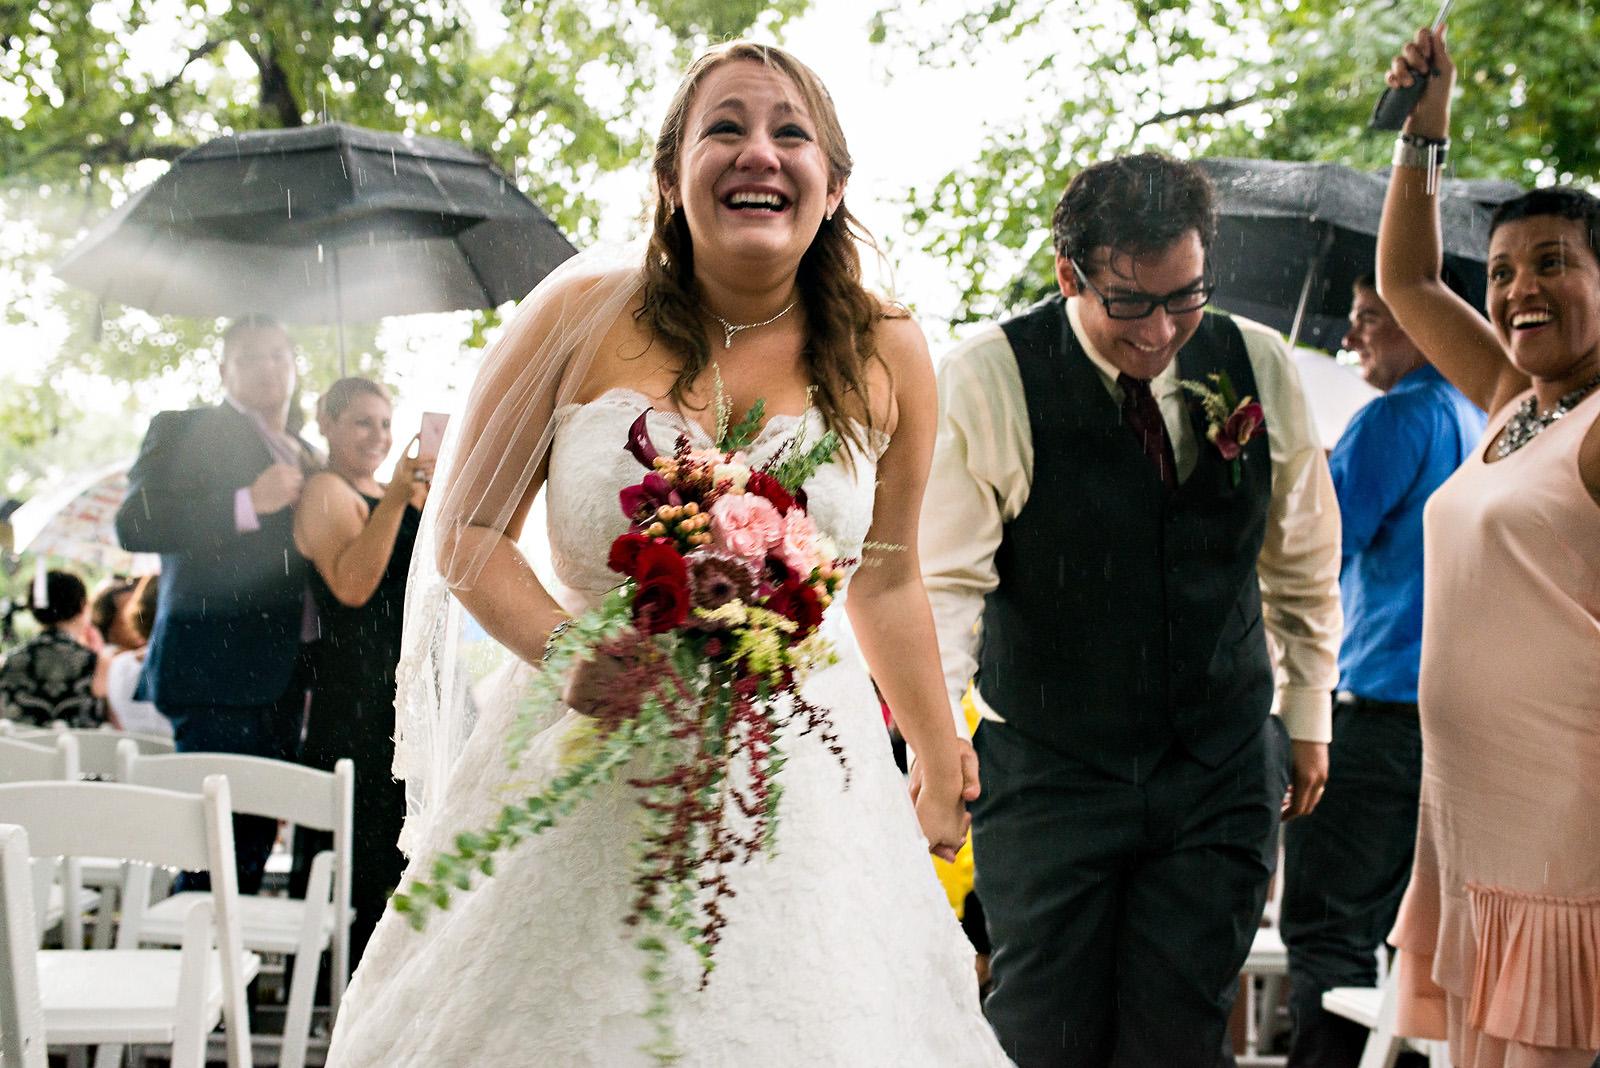 Bride-groom-walking-down-aisle-in-rainy-wedding